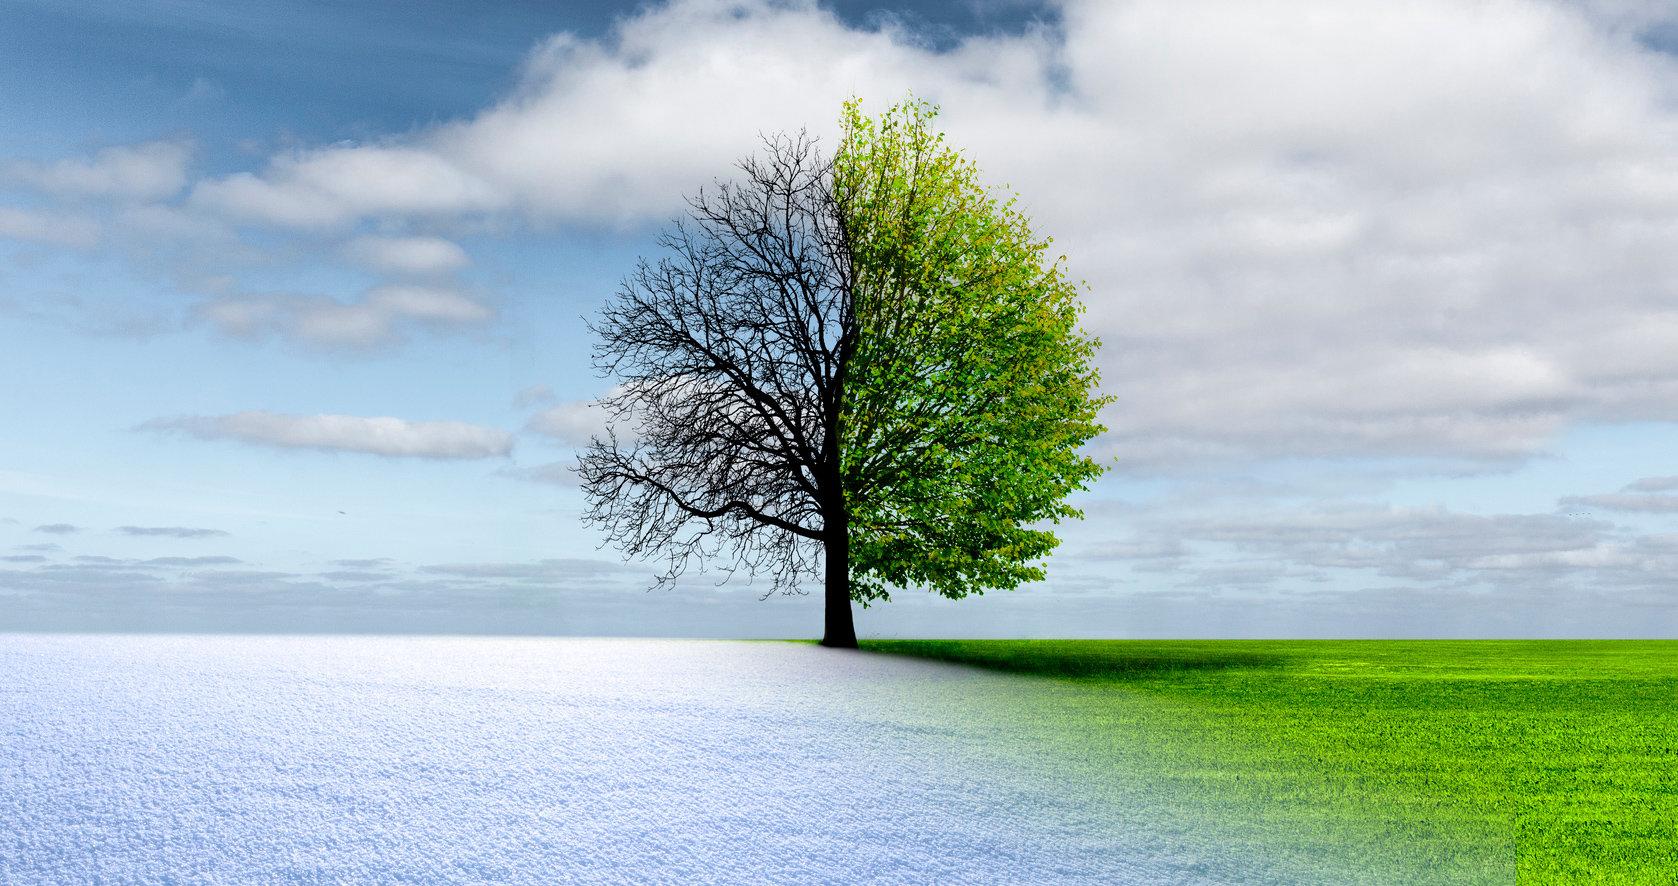 escenario de invierno y verano